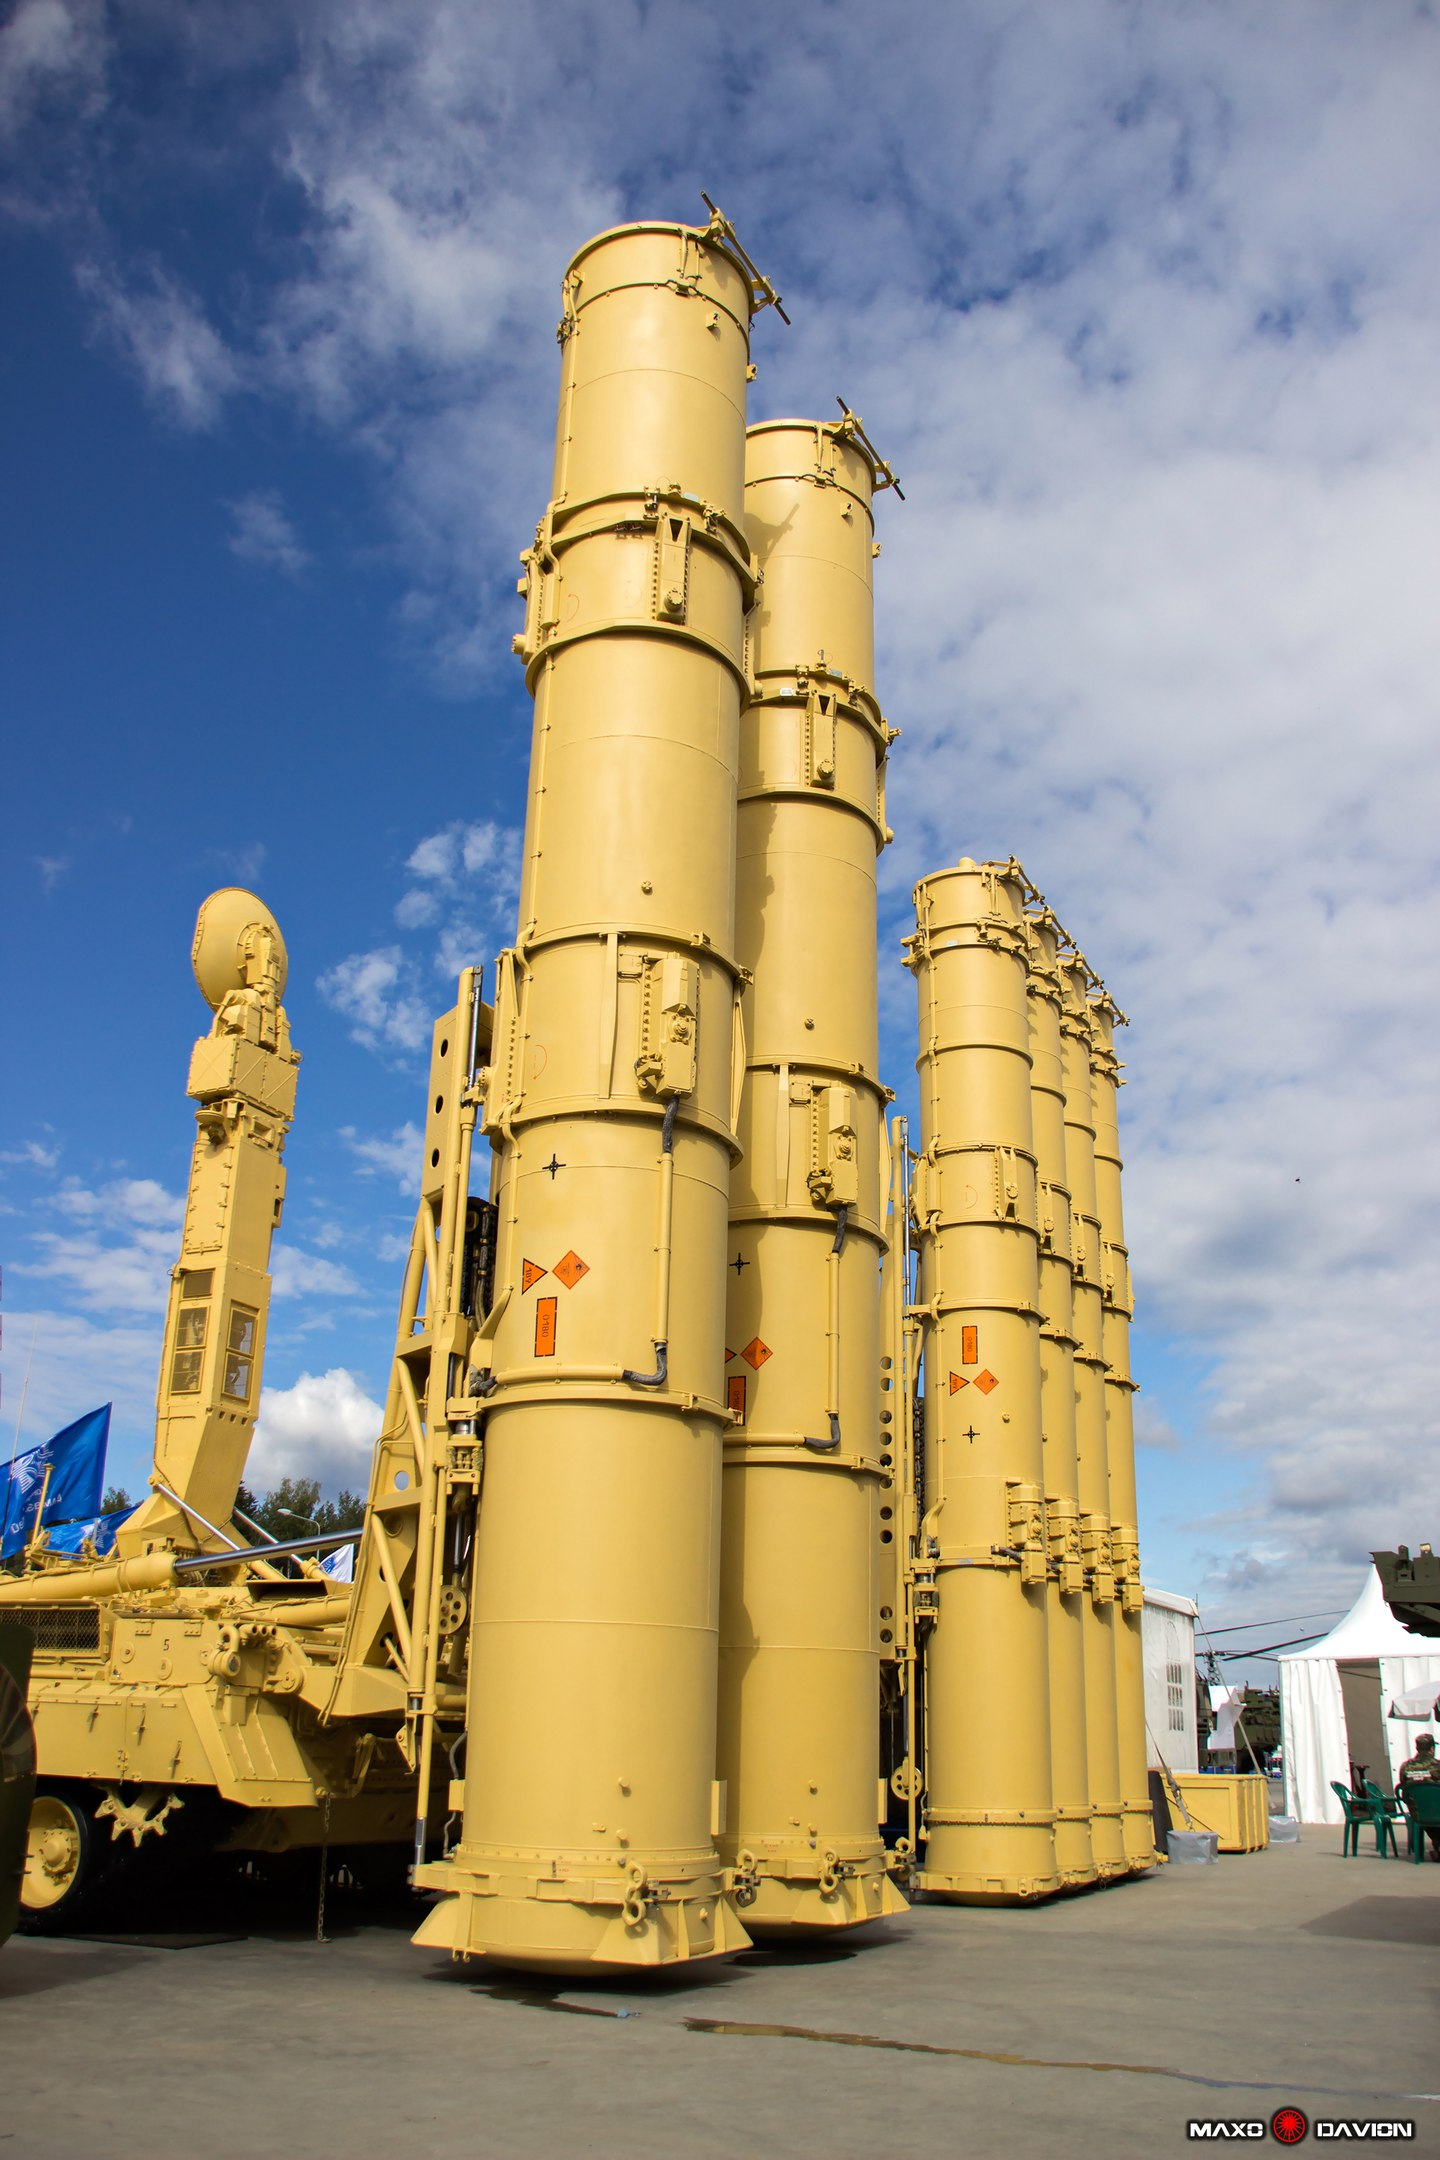 """مصر تتسلم منظومة صواريخ """"أس – 300 بي أم""""  - صفحة 5 32801993856_6ba25cb107_o"""